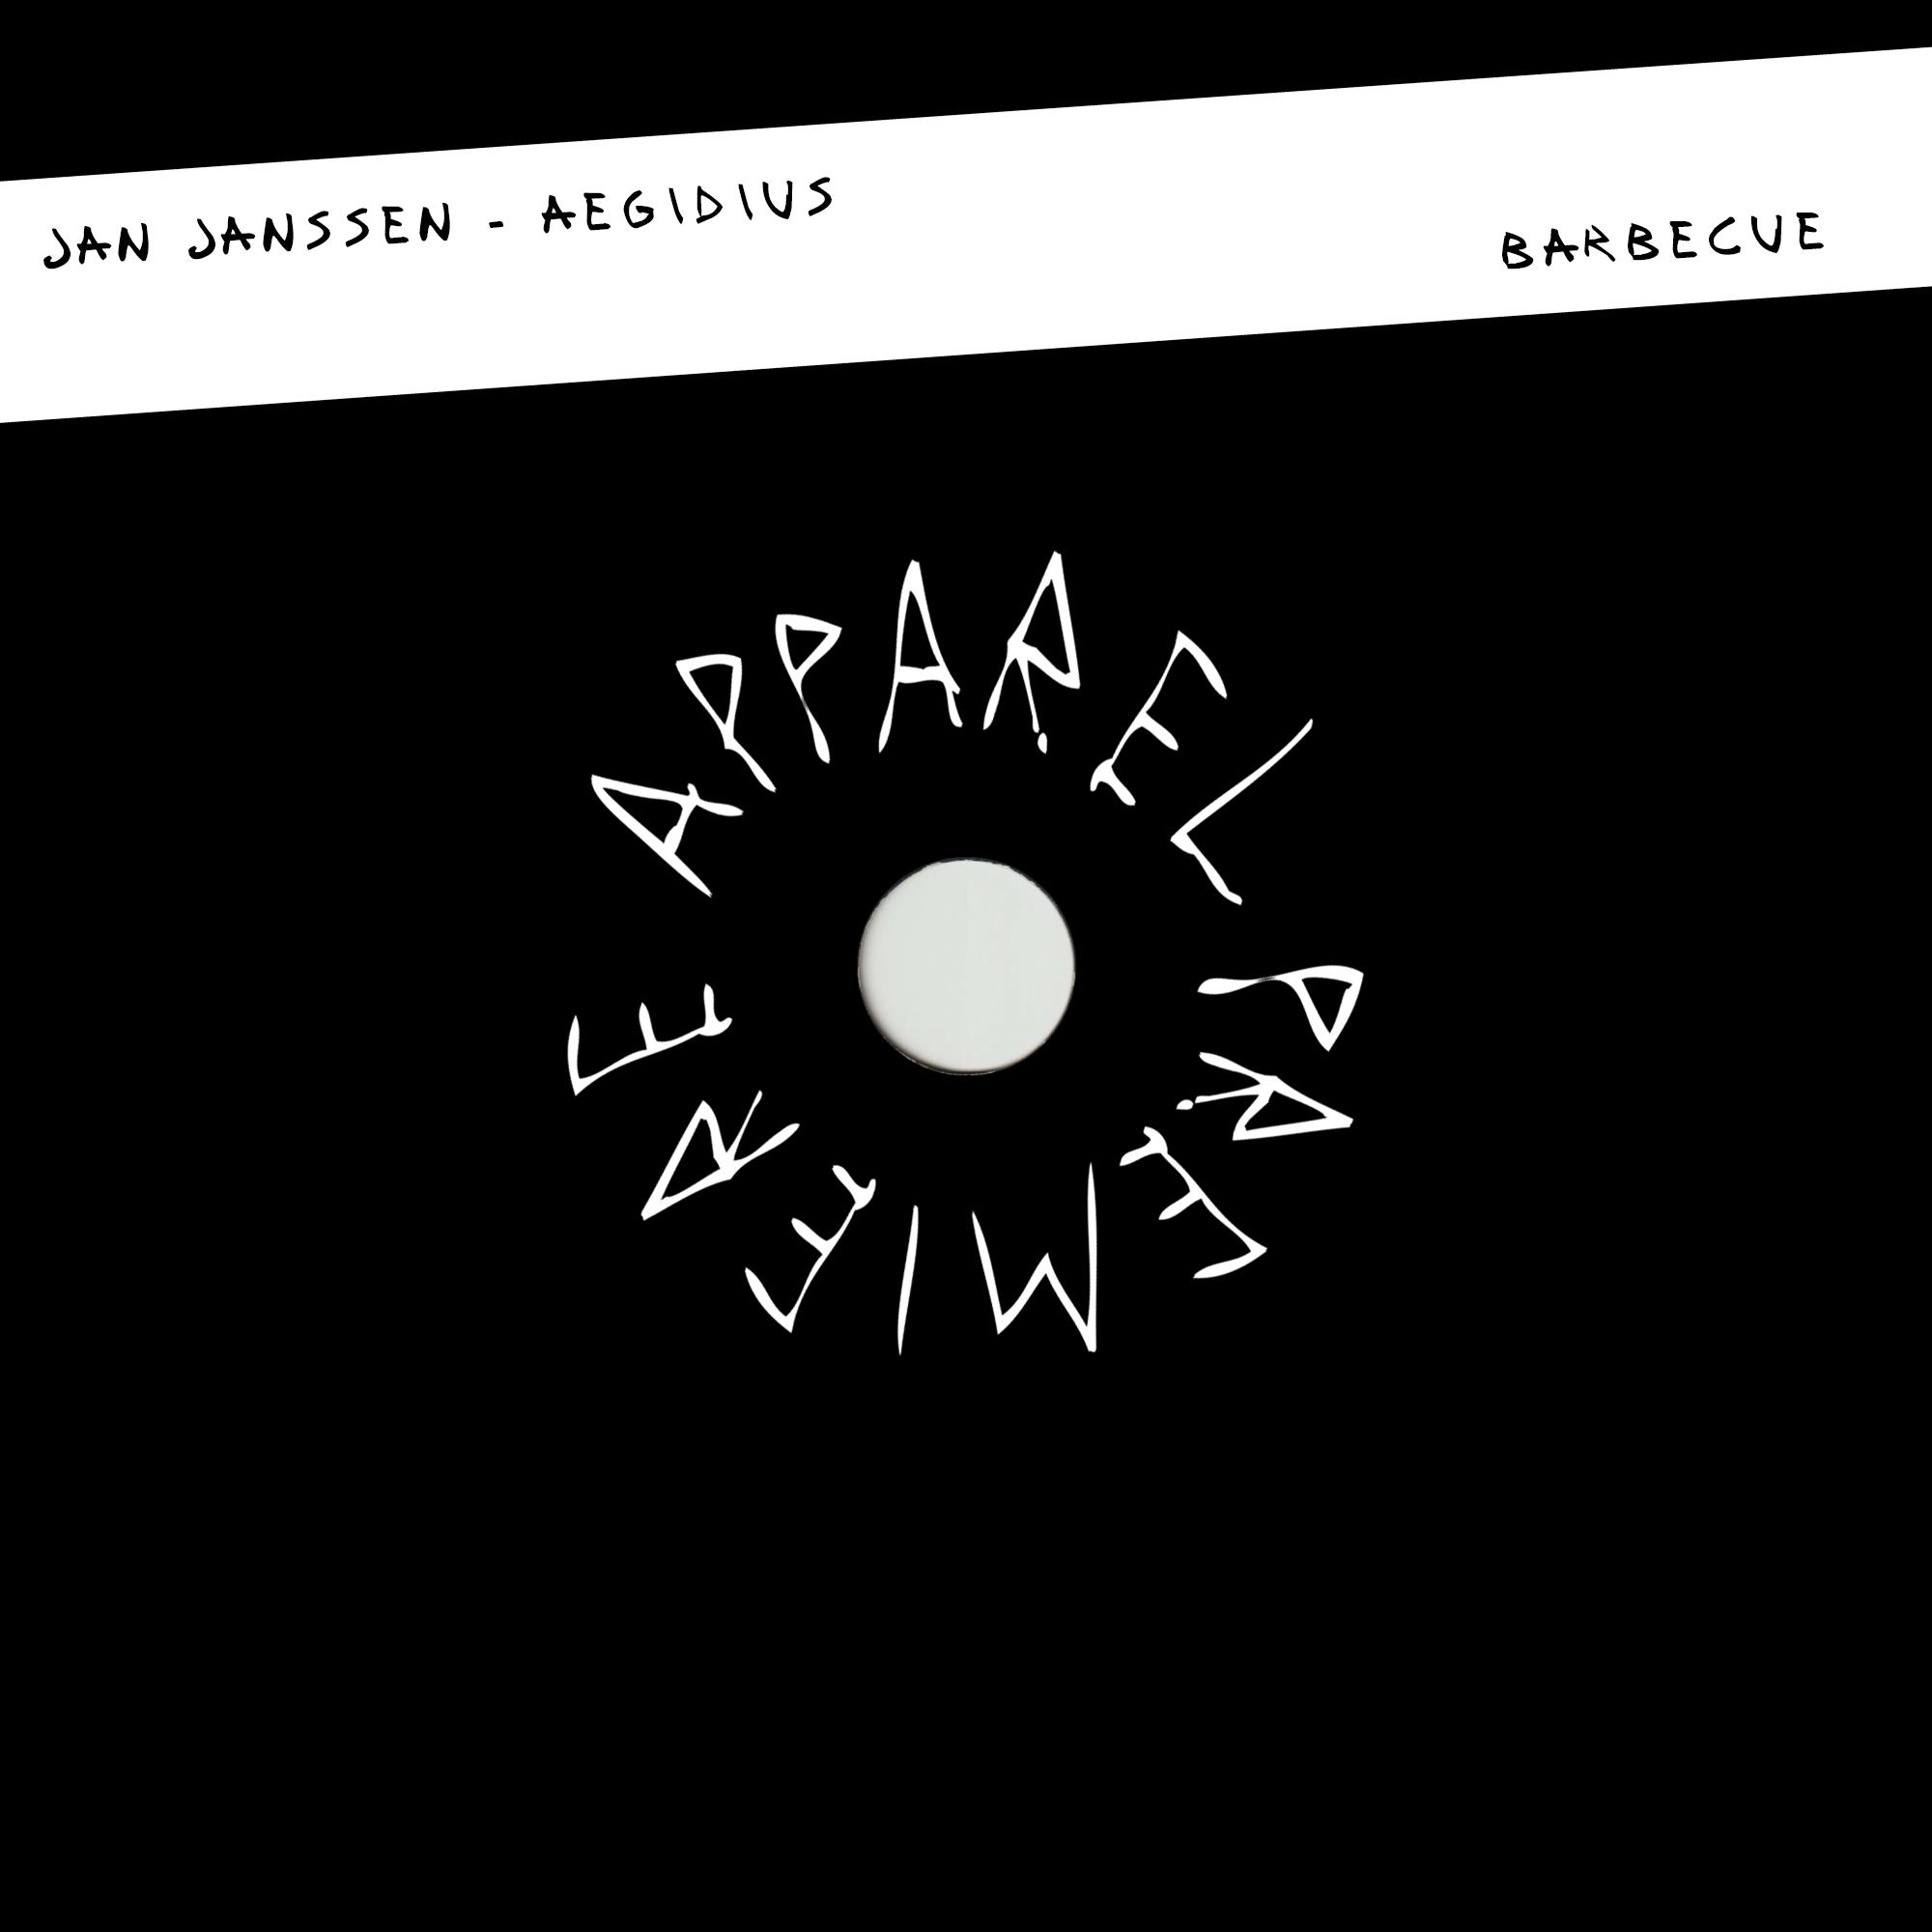 APPAREL PREMIERE: Jan Janssen – Aegidius [Barbecue]